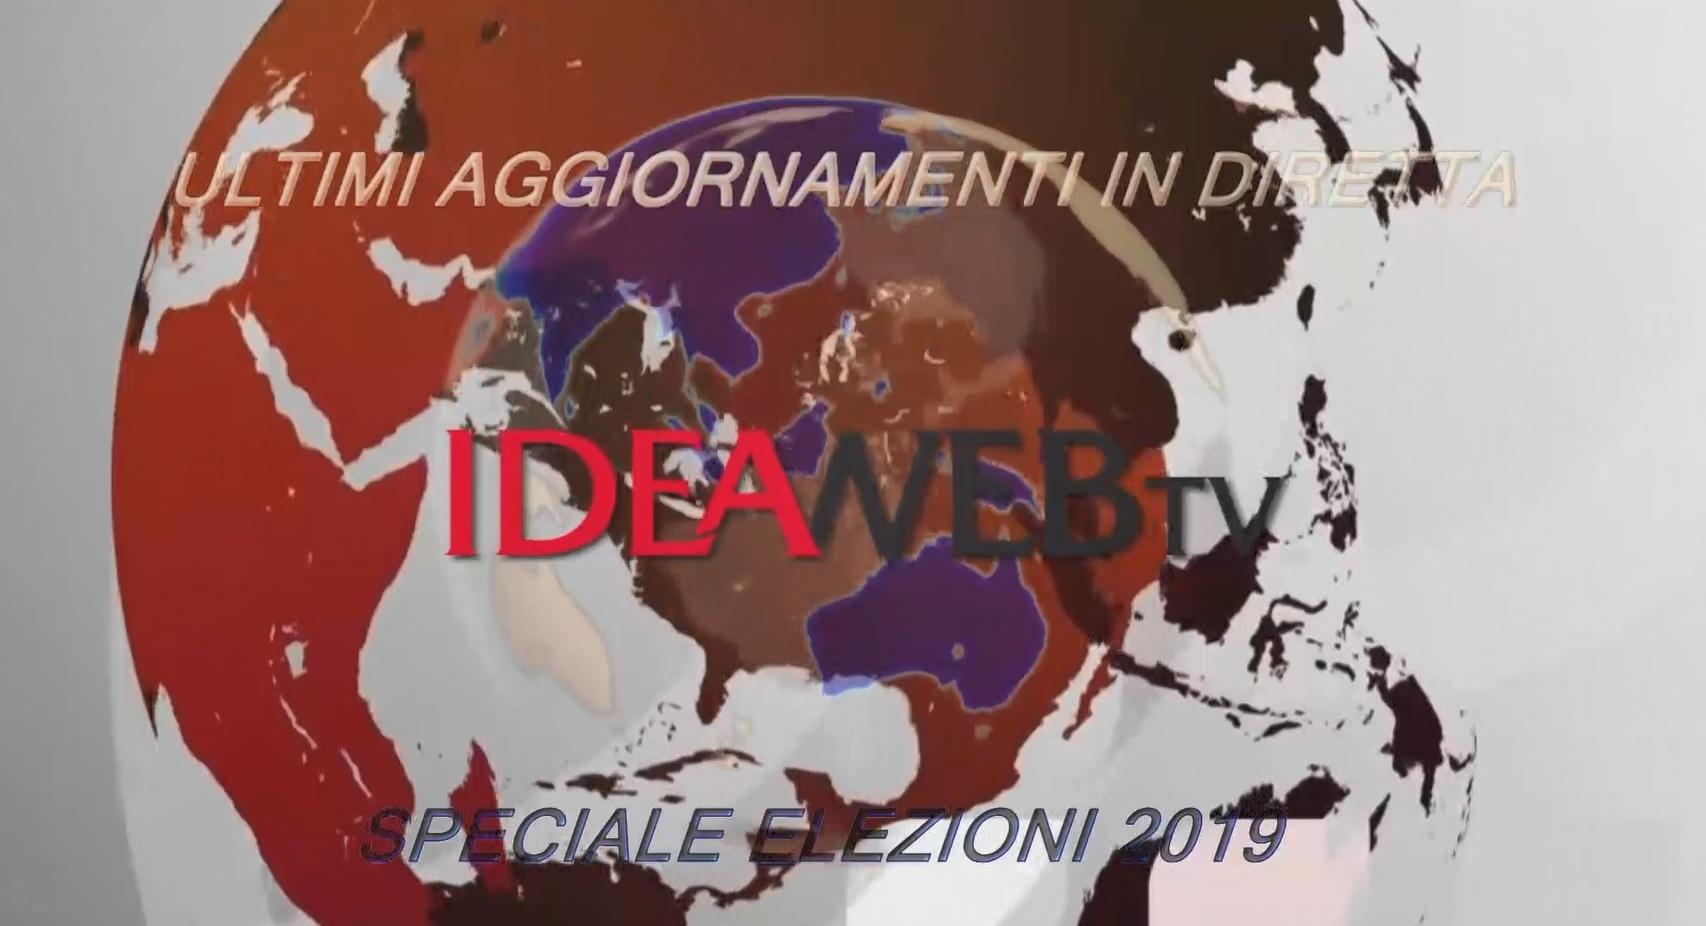 Elezioni 2019 oggi il grande speciale di ideawebtv in for Oggi parlamento diretta